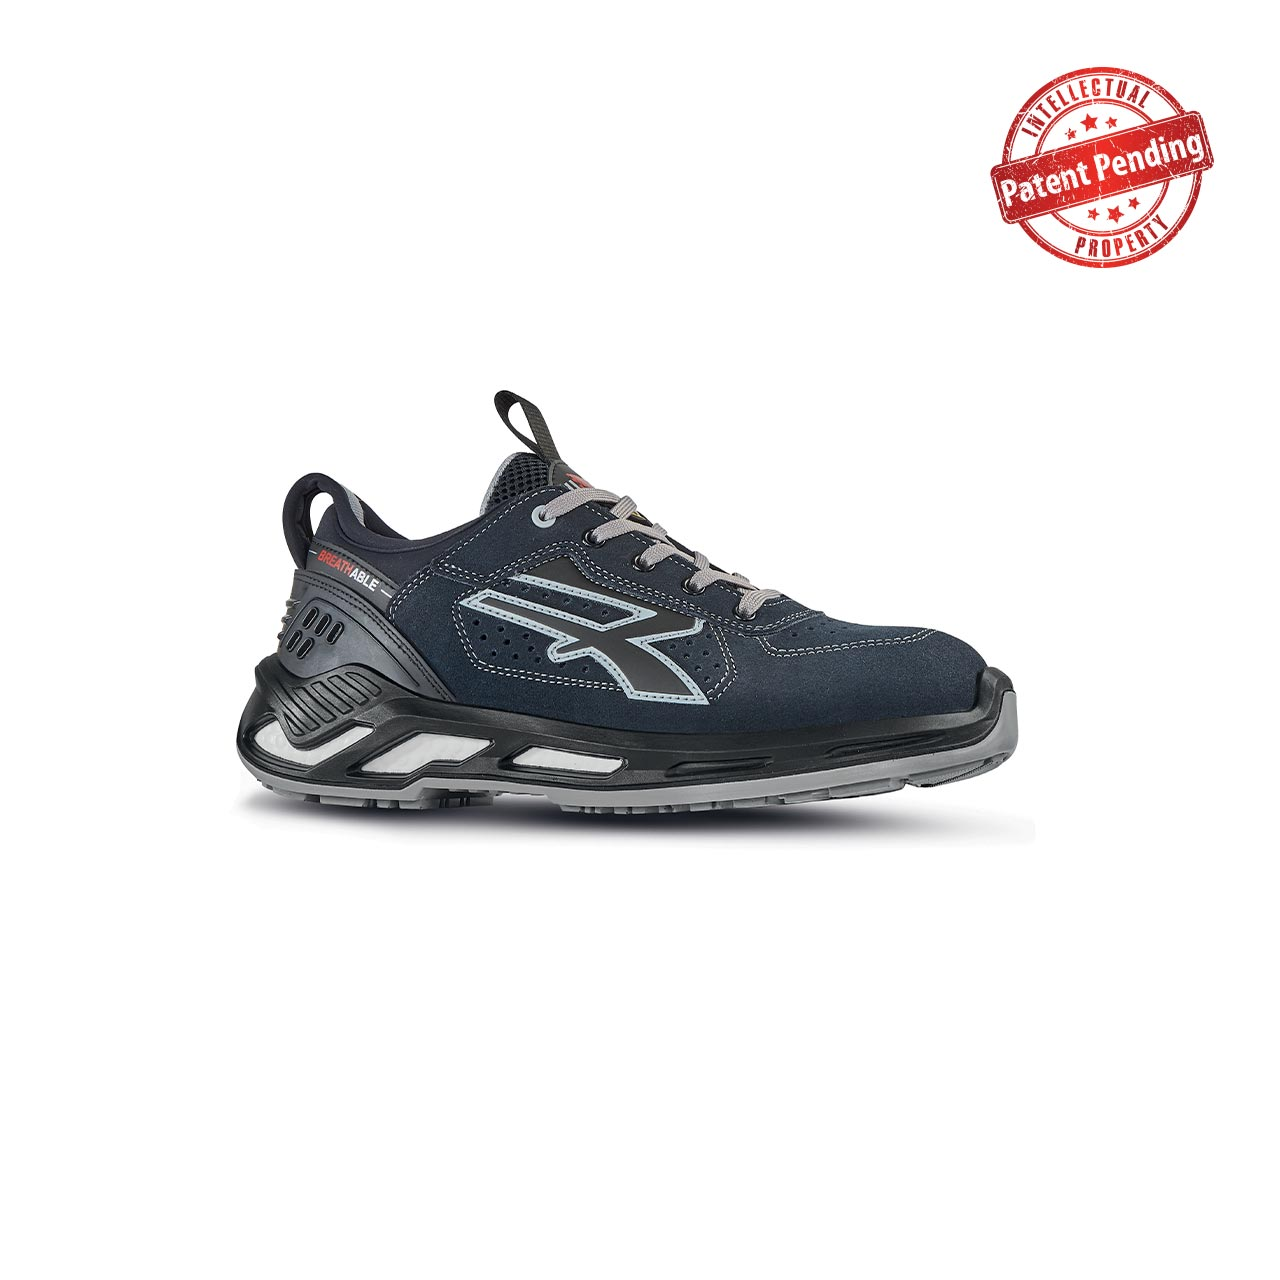 scarpa antinfortunistica upower modello mason linea red360 vista laterale